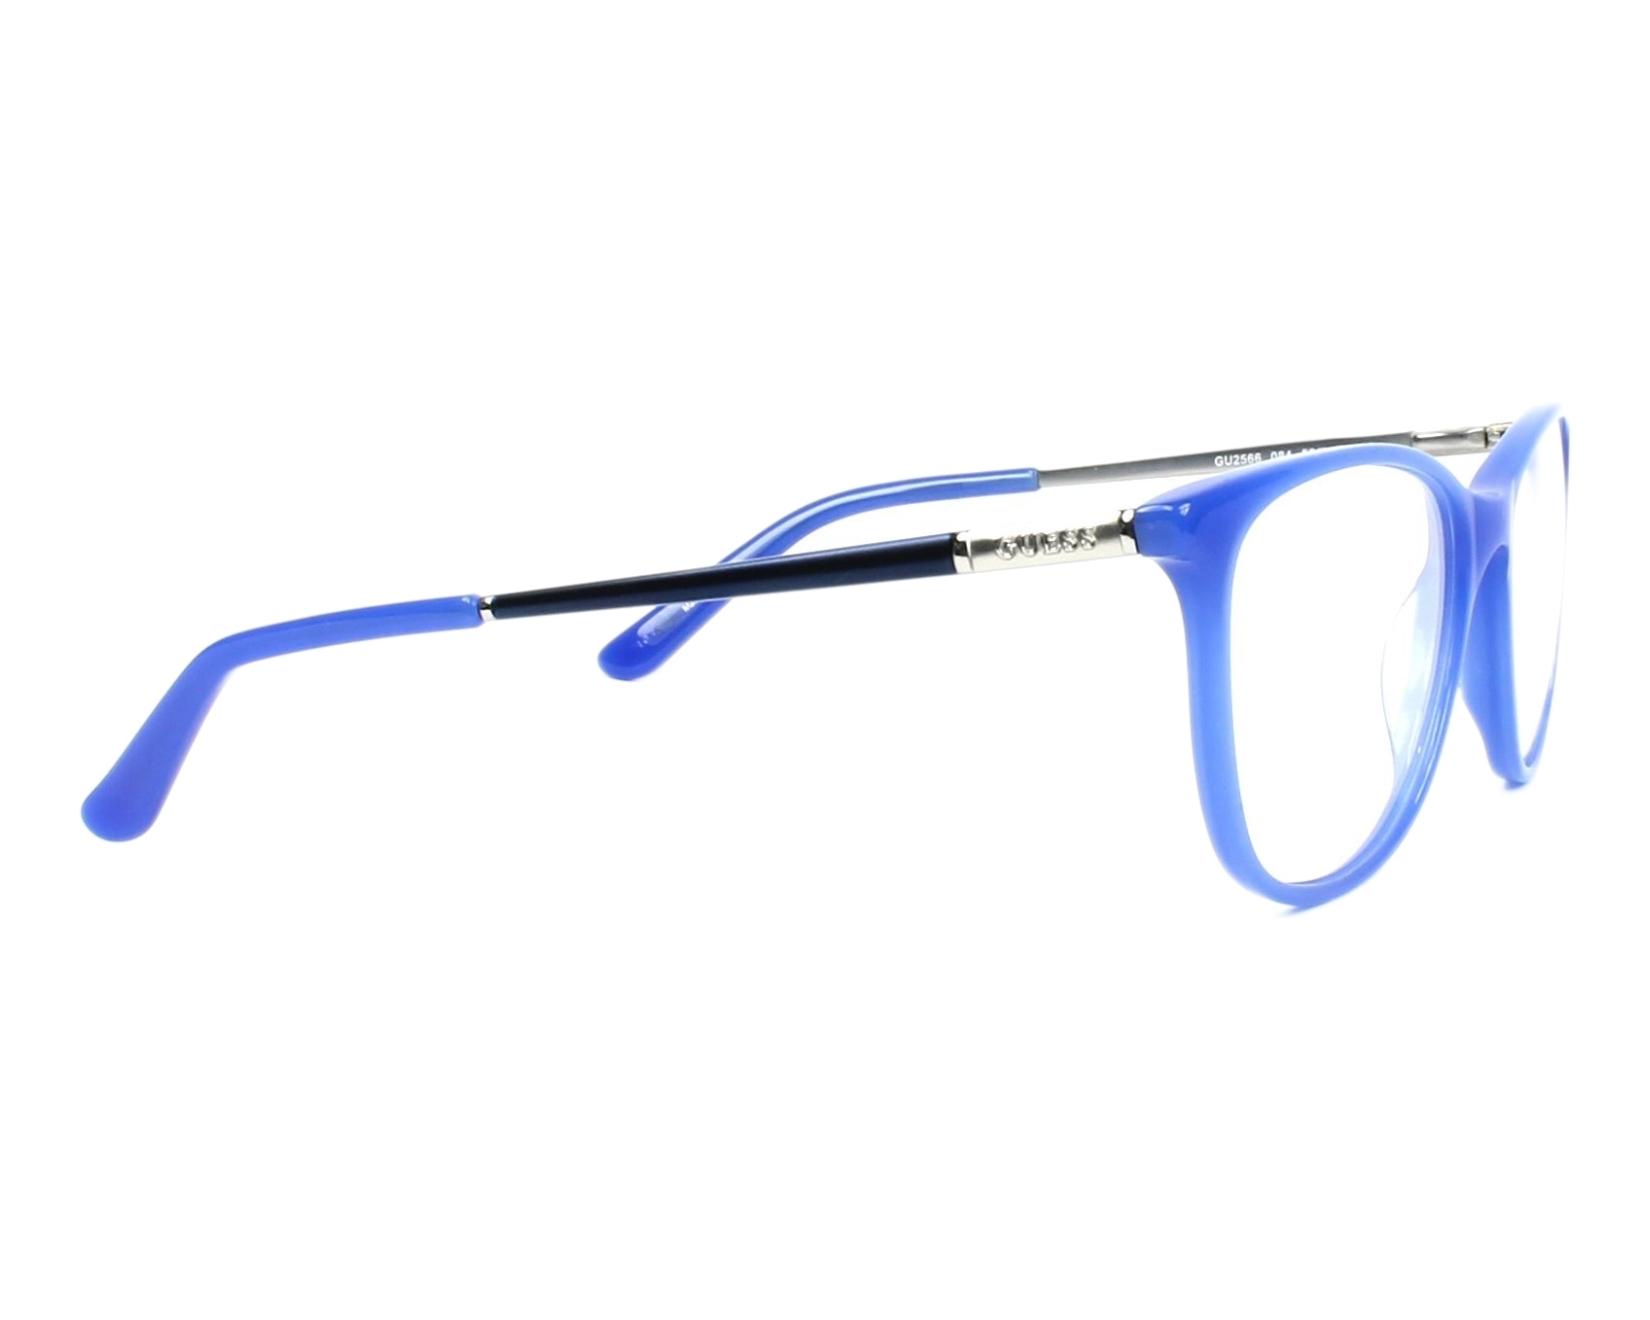 5ff4e955db Gafas Graduadas Guess GU-2566 084 49-17 Azul Plata vista lateral